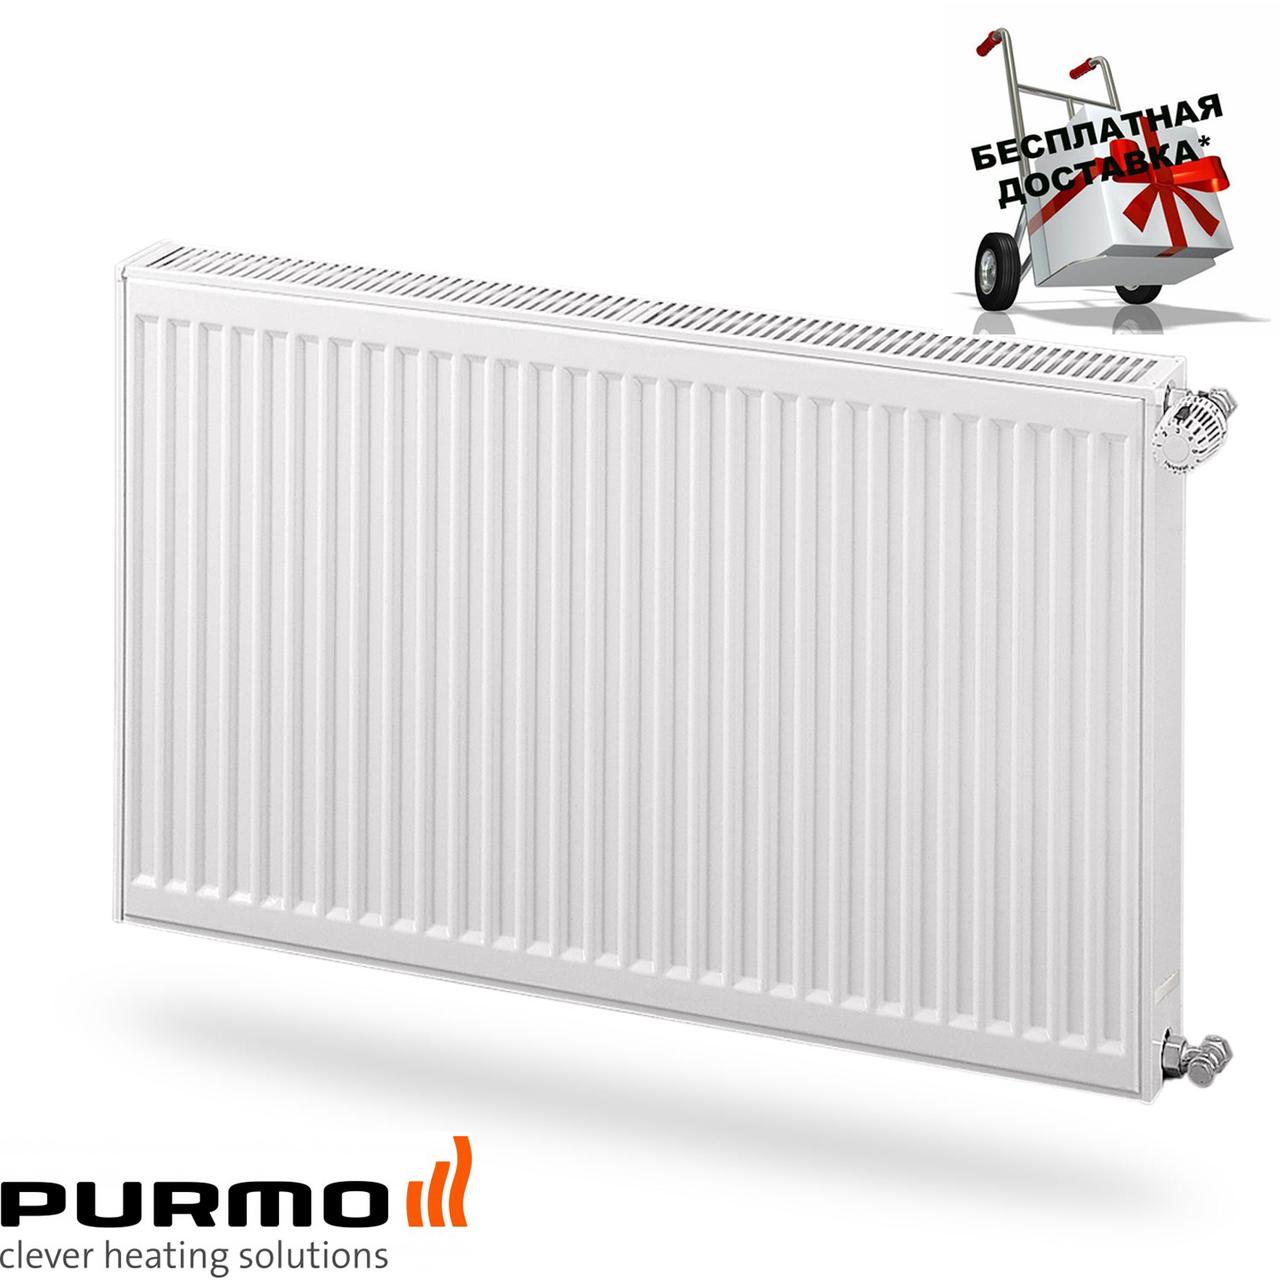 Стальной (панельный) радиатор PURMO Compact т22 300x800 боковое подключение